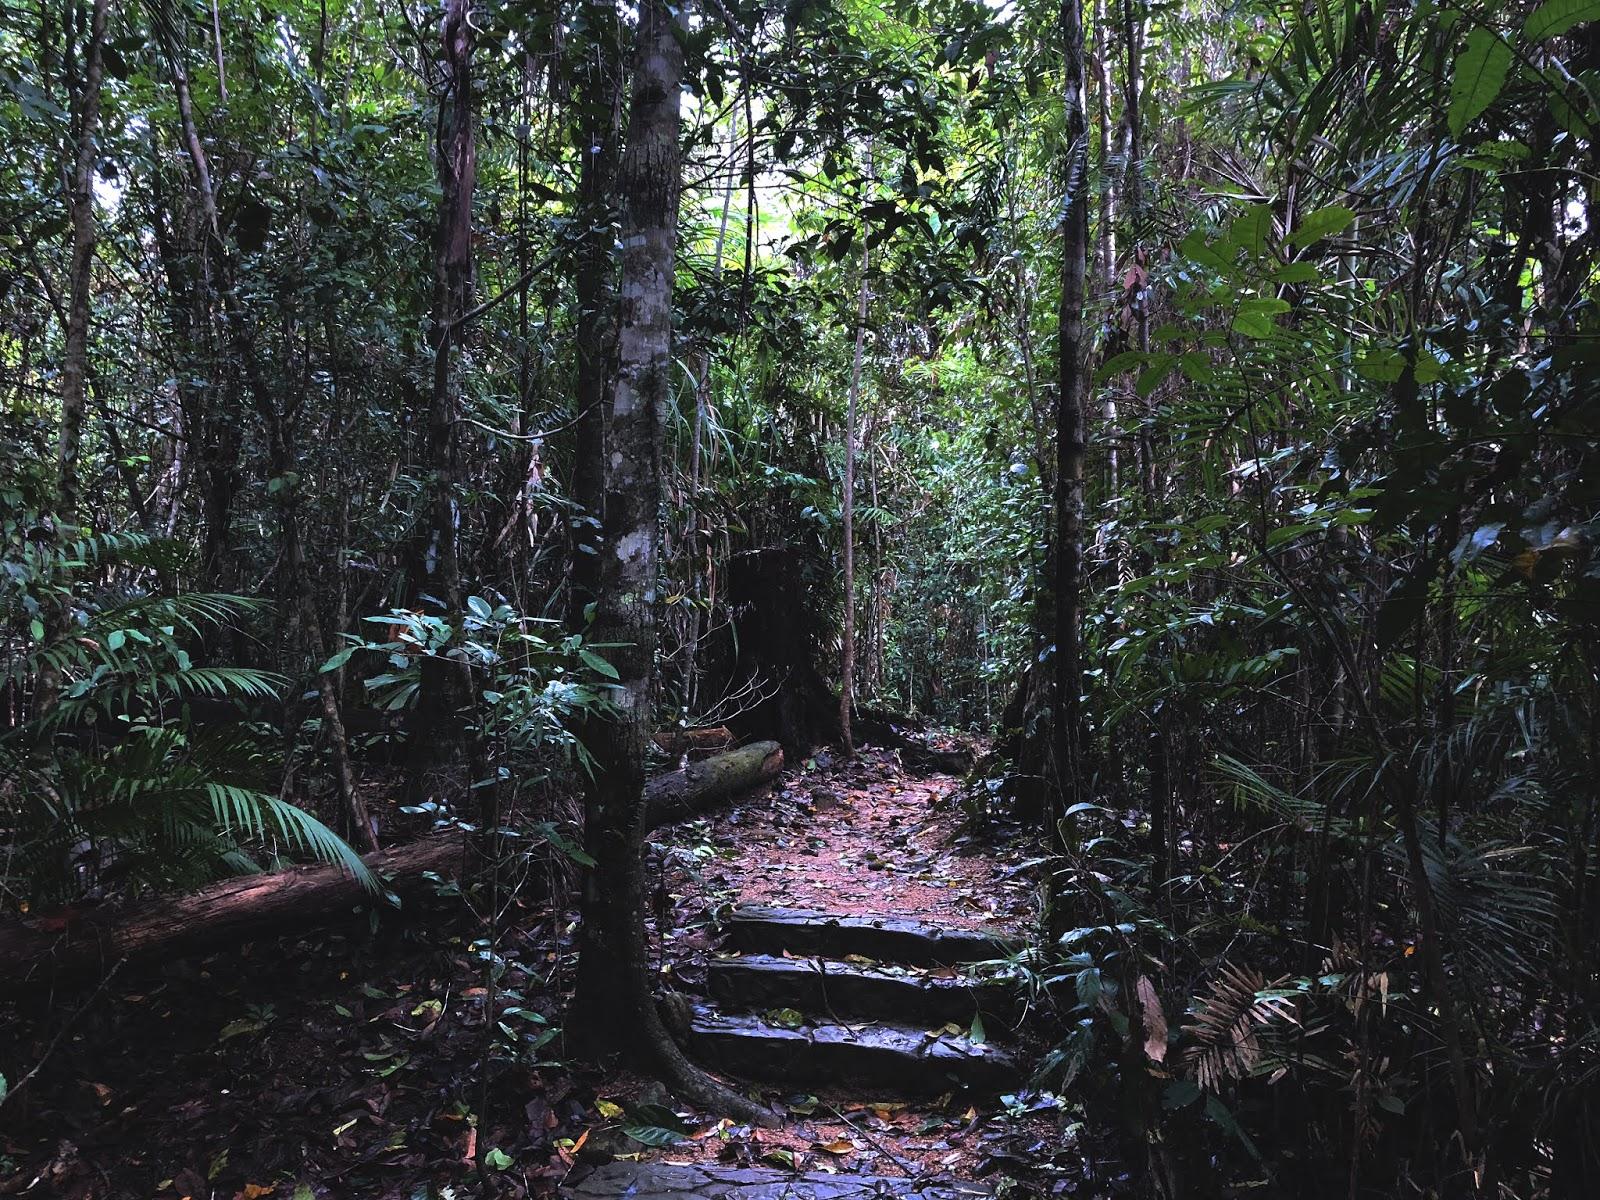 Las deszczowy w australijskim miasteczku Mission Beach. W centralnej części widać 3 kamienne schodki.